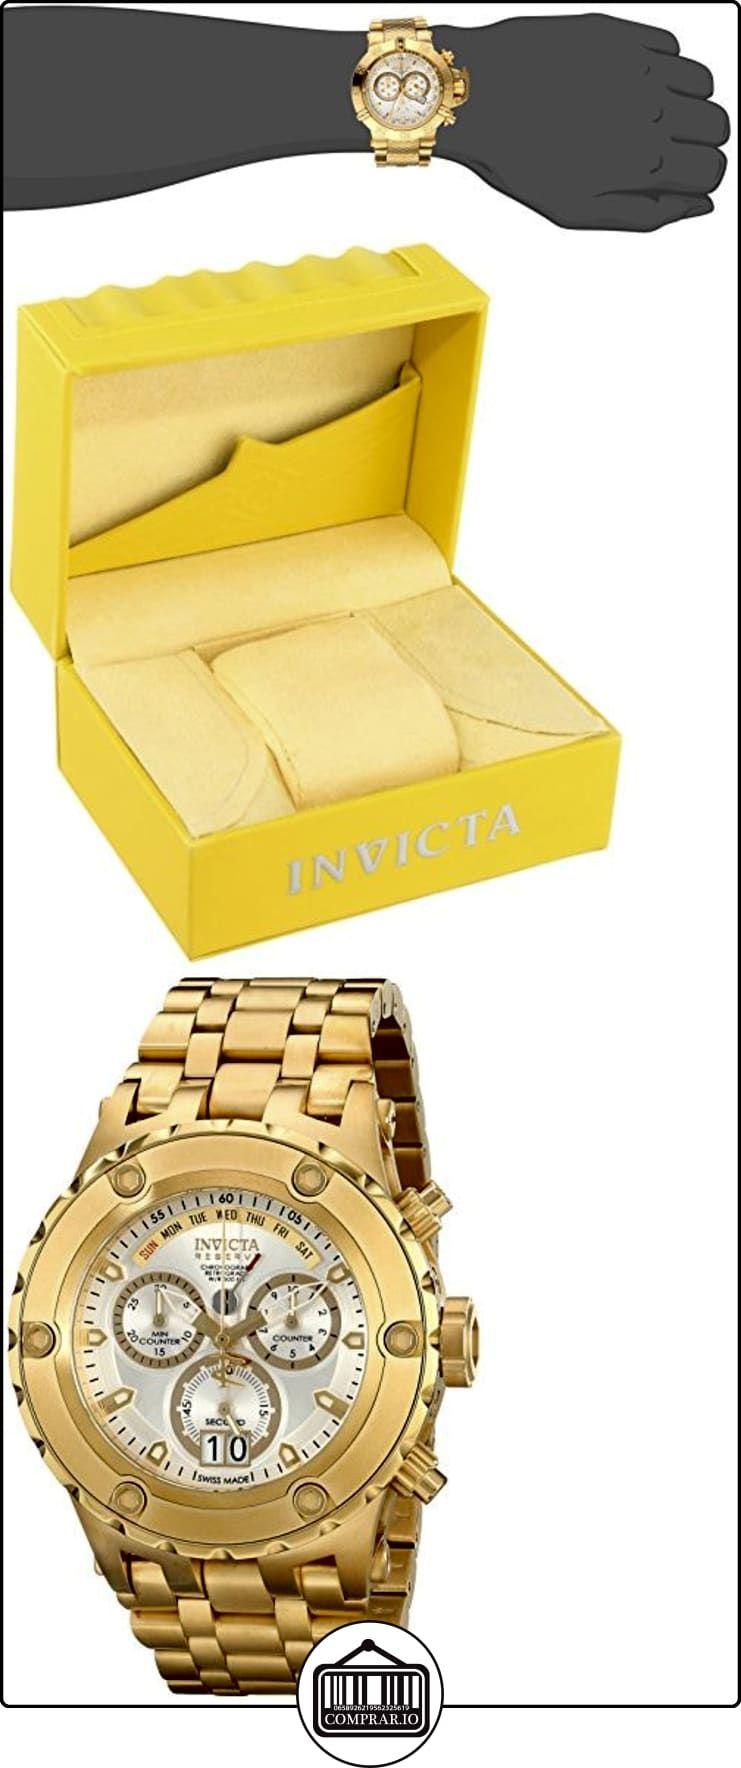 67adddbac Invicta 14471 - Reloj para hombres, correa de acero inoxidable color dorado  ✿ Relojes para hombre - (Lujo) ✿